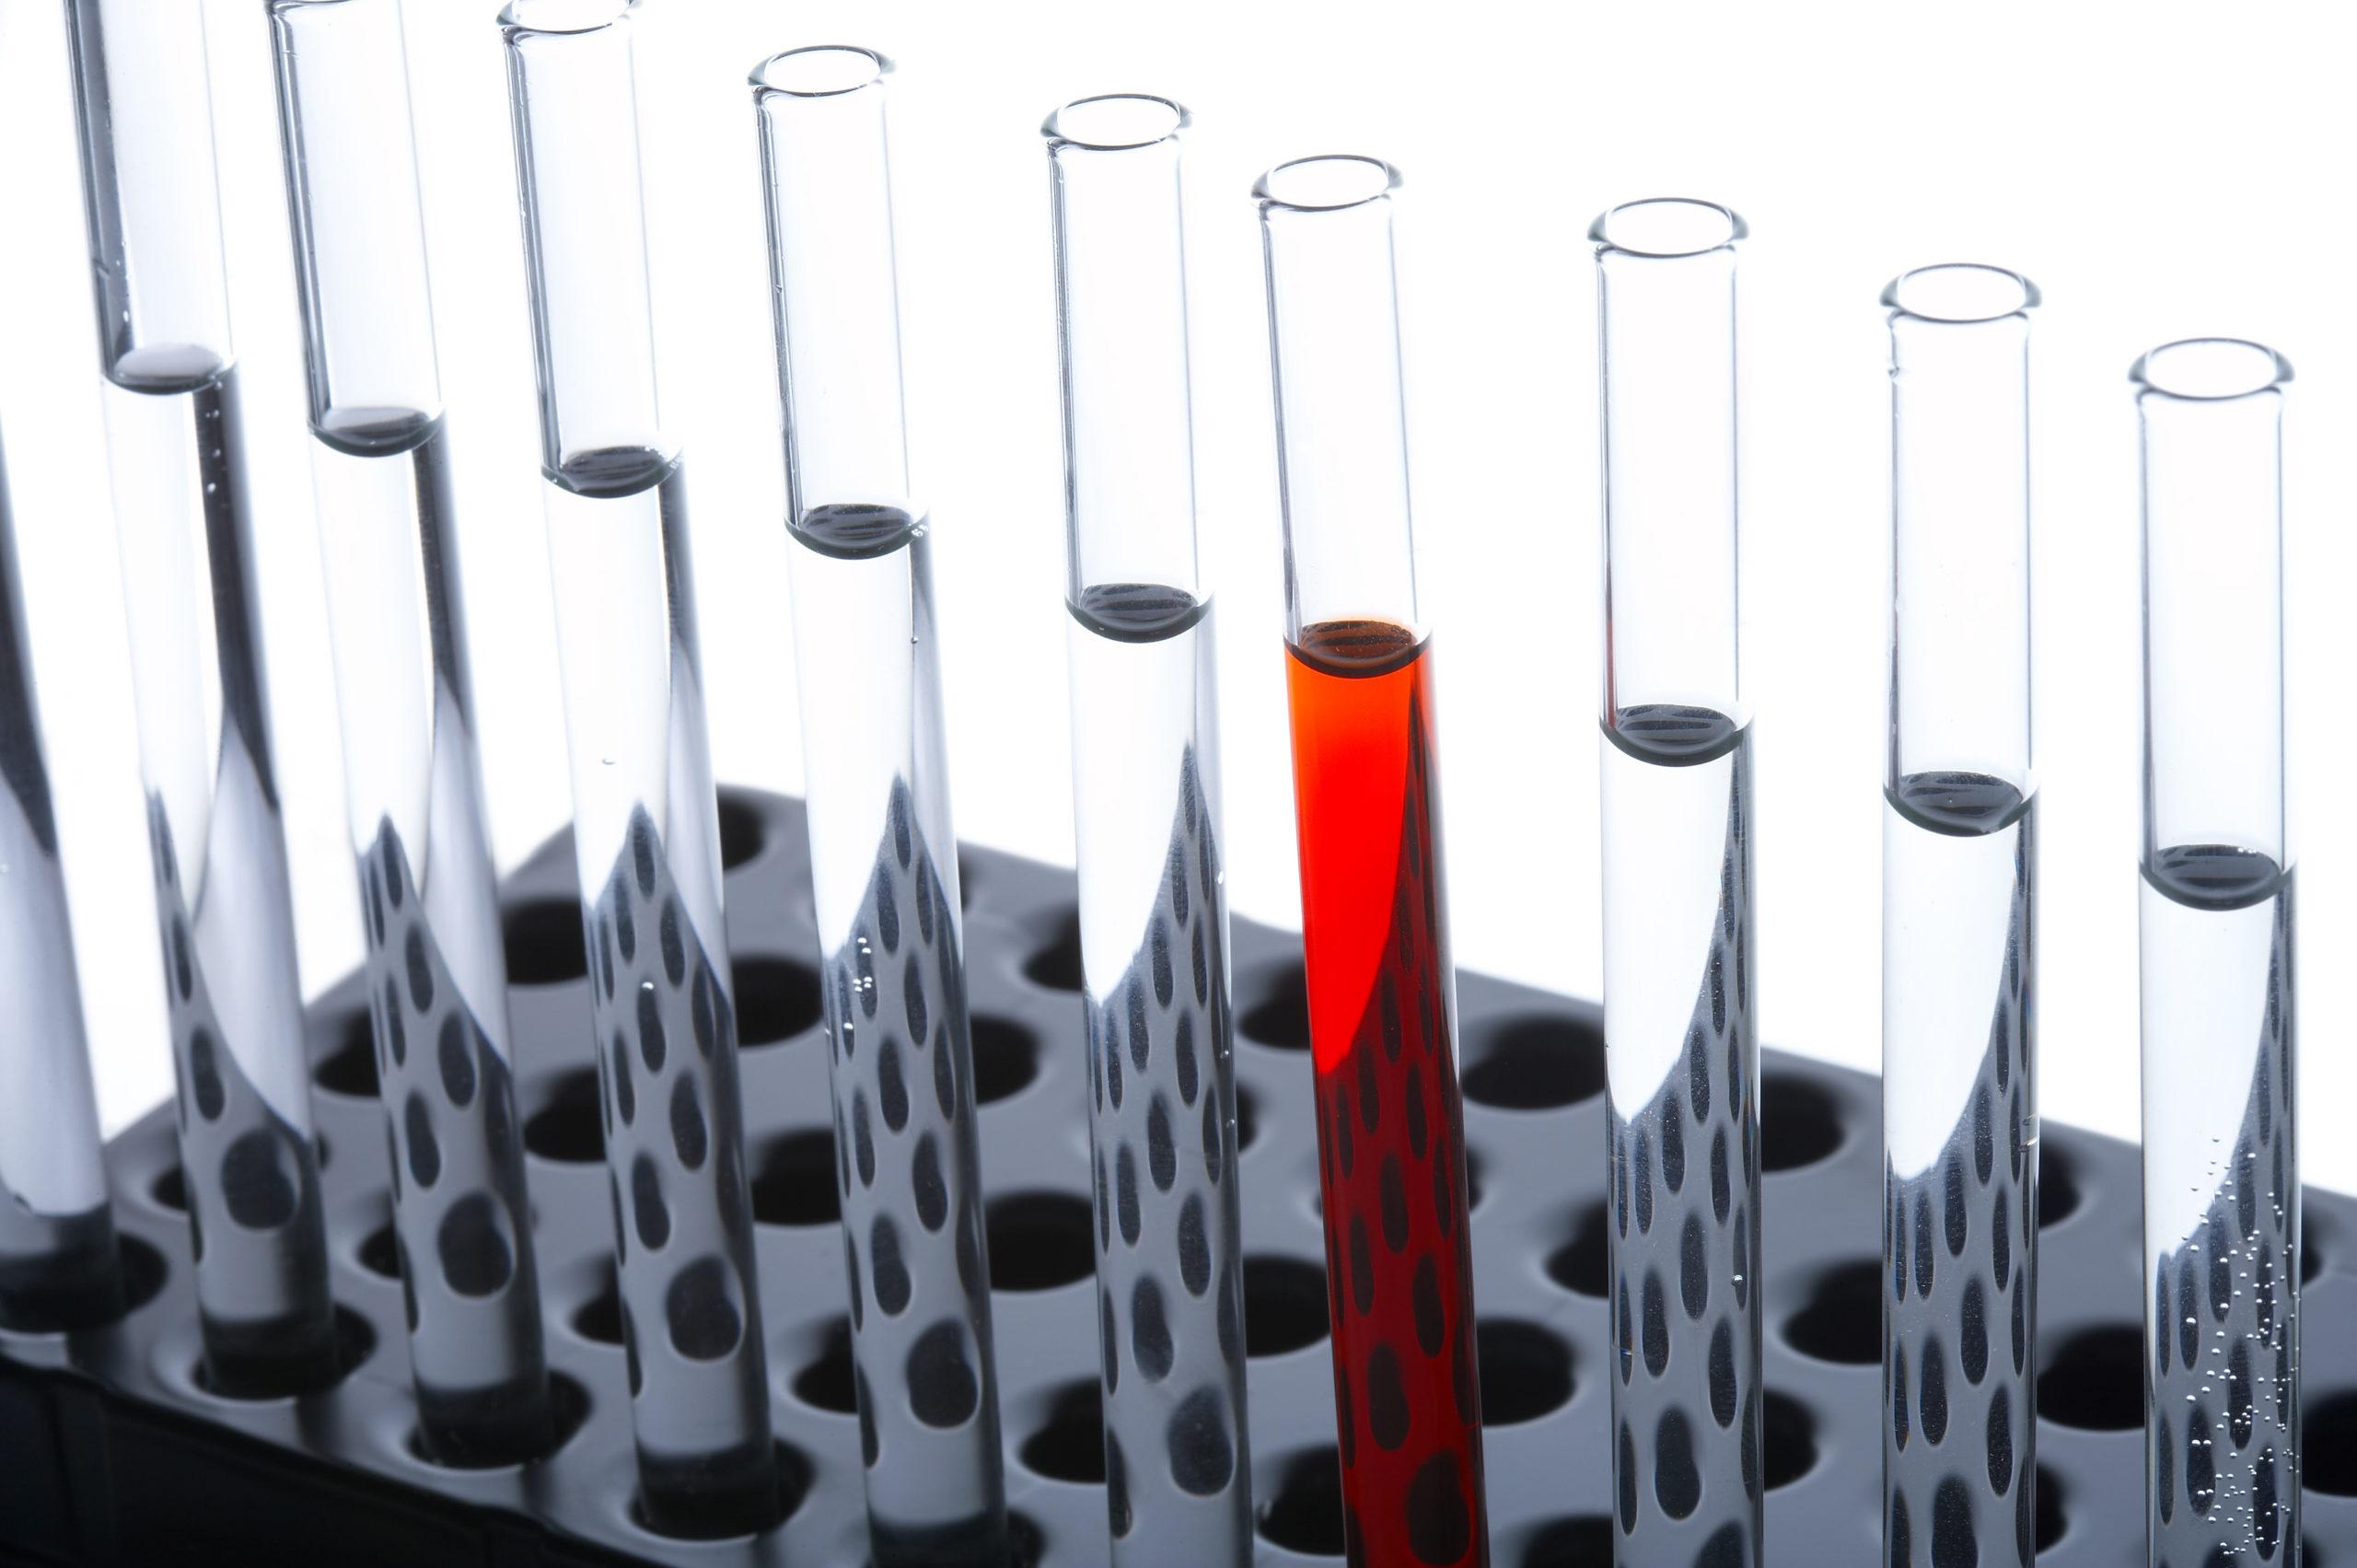 aufgereihte Reagenzgläser, die mit durchsichtiger Flüssigkeit gefüllt sind, mit Ausnahme von einem roten